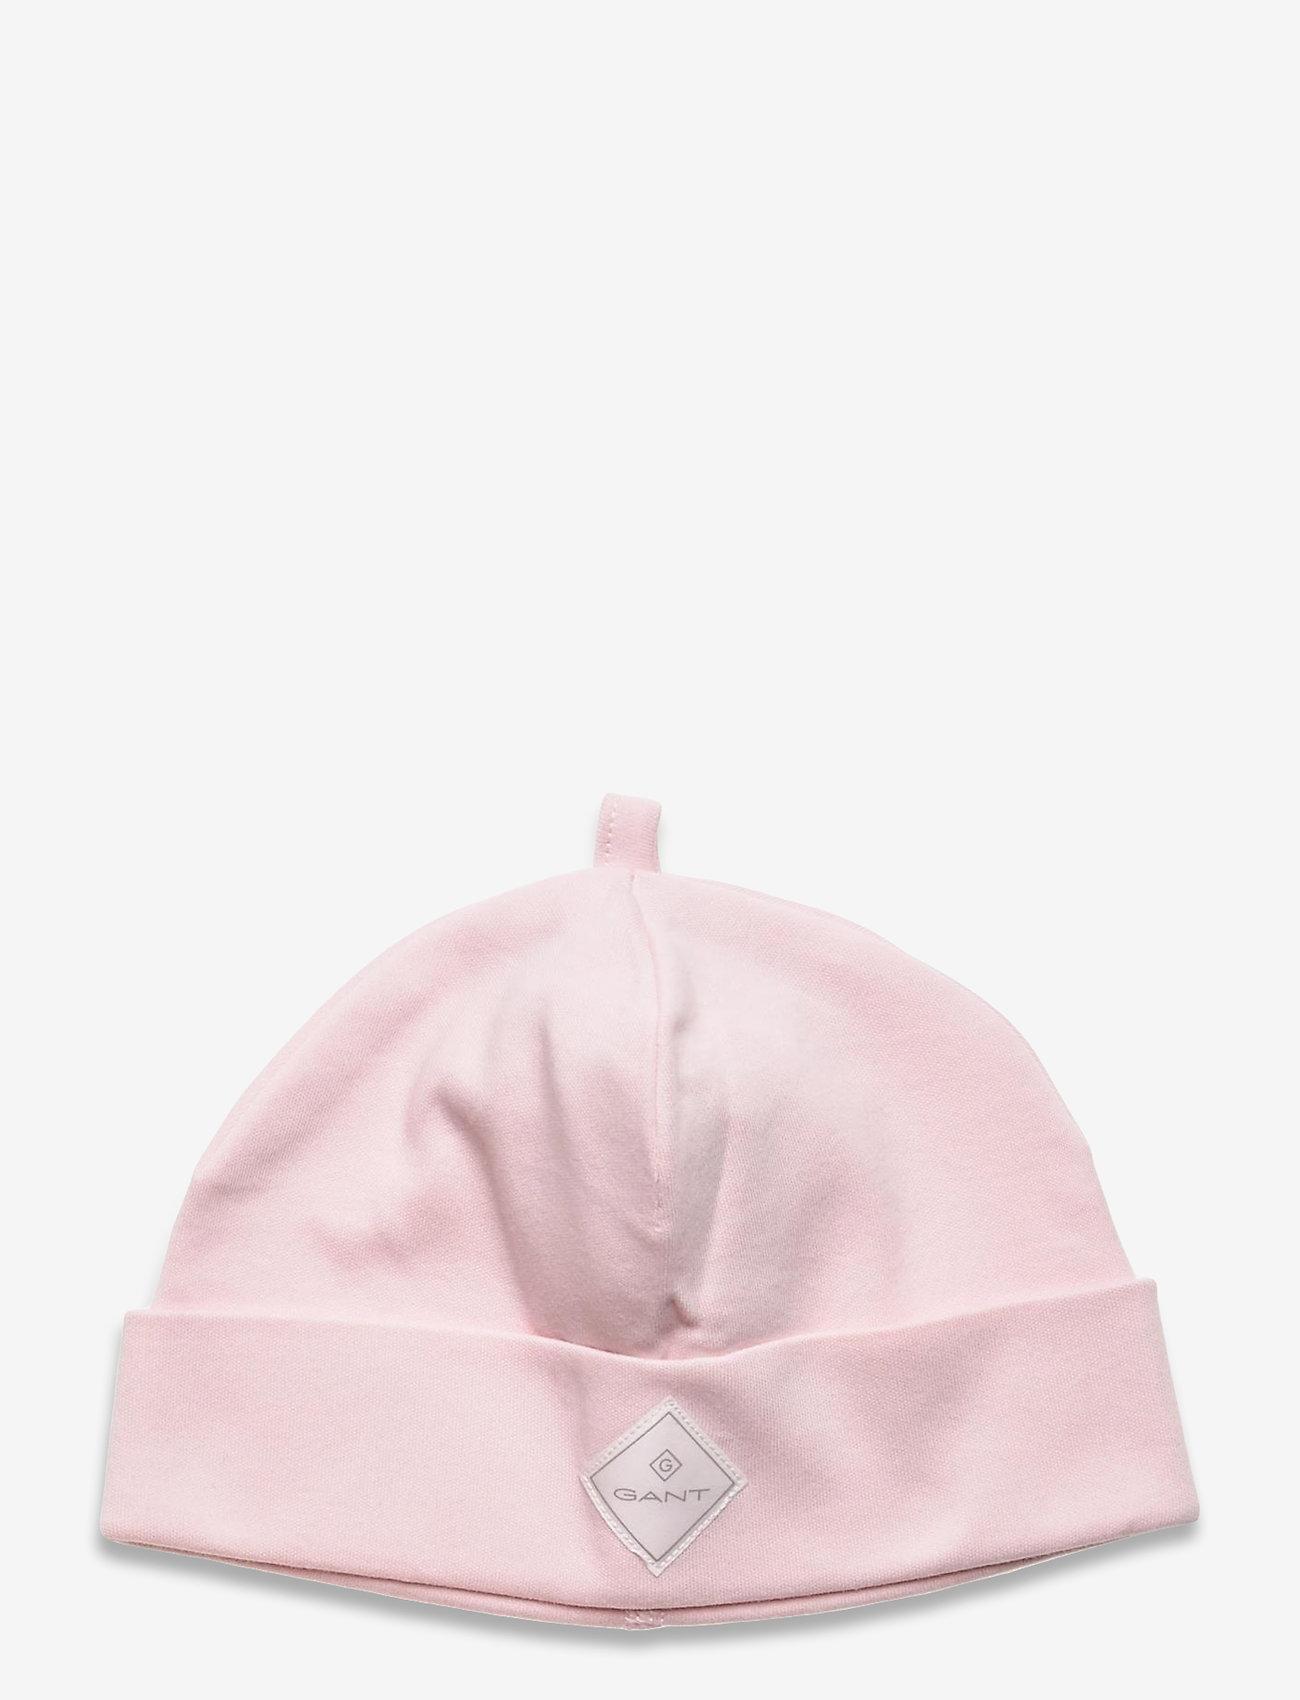 GANT - LOCK-UP ORGANIC COTTON BEANIE - hatte og handsker - crystal pink - 0